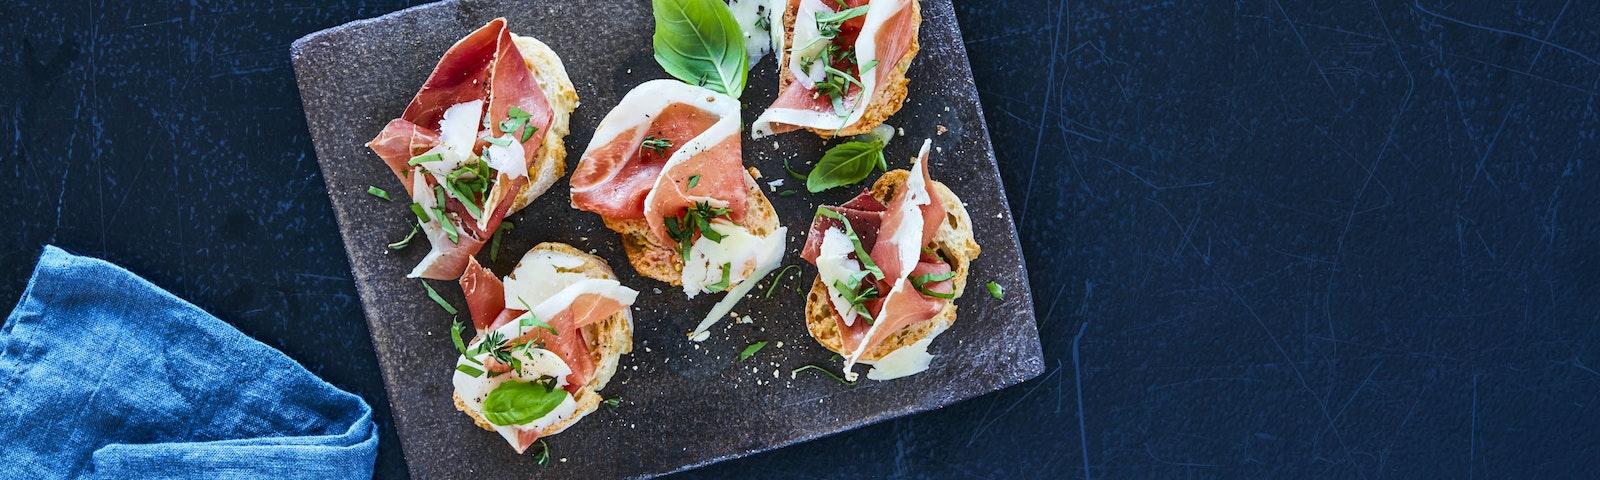 Spanska tapas med serranoskinka och grillad persika